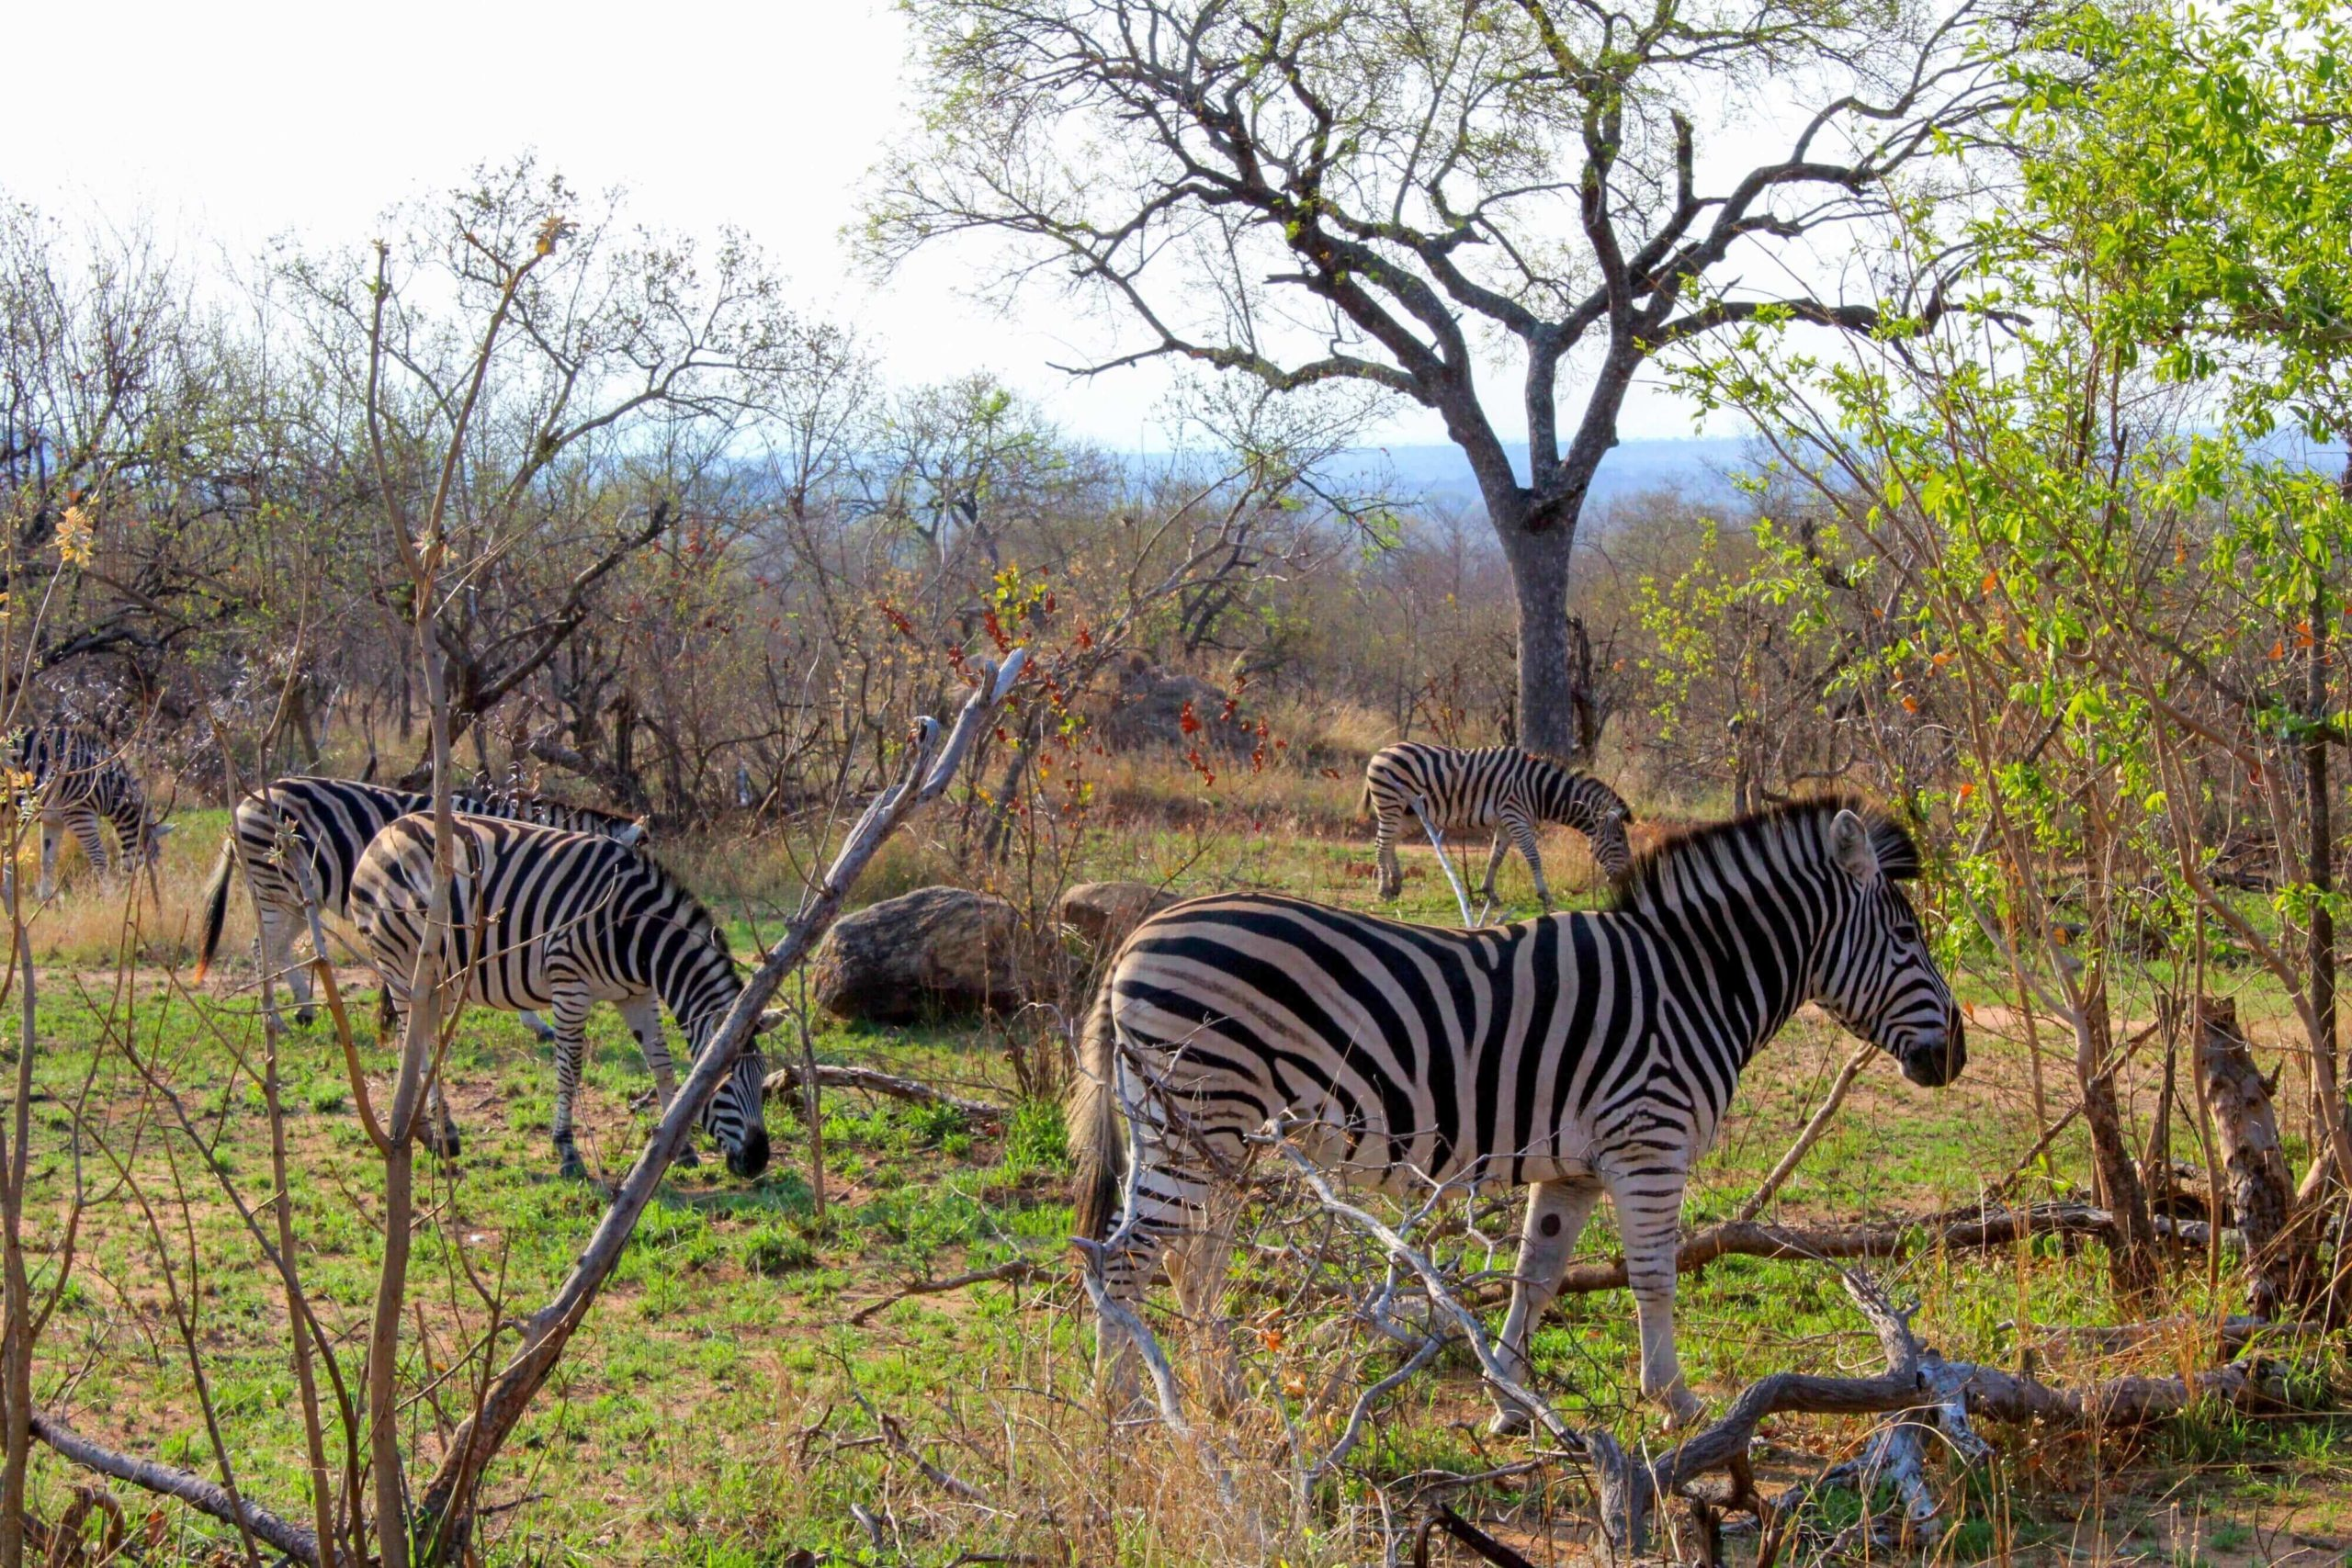 Cebras en el Parque Kruger en Sudáfrica – Bichito viajero